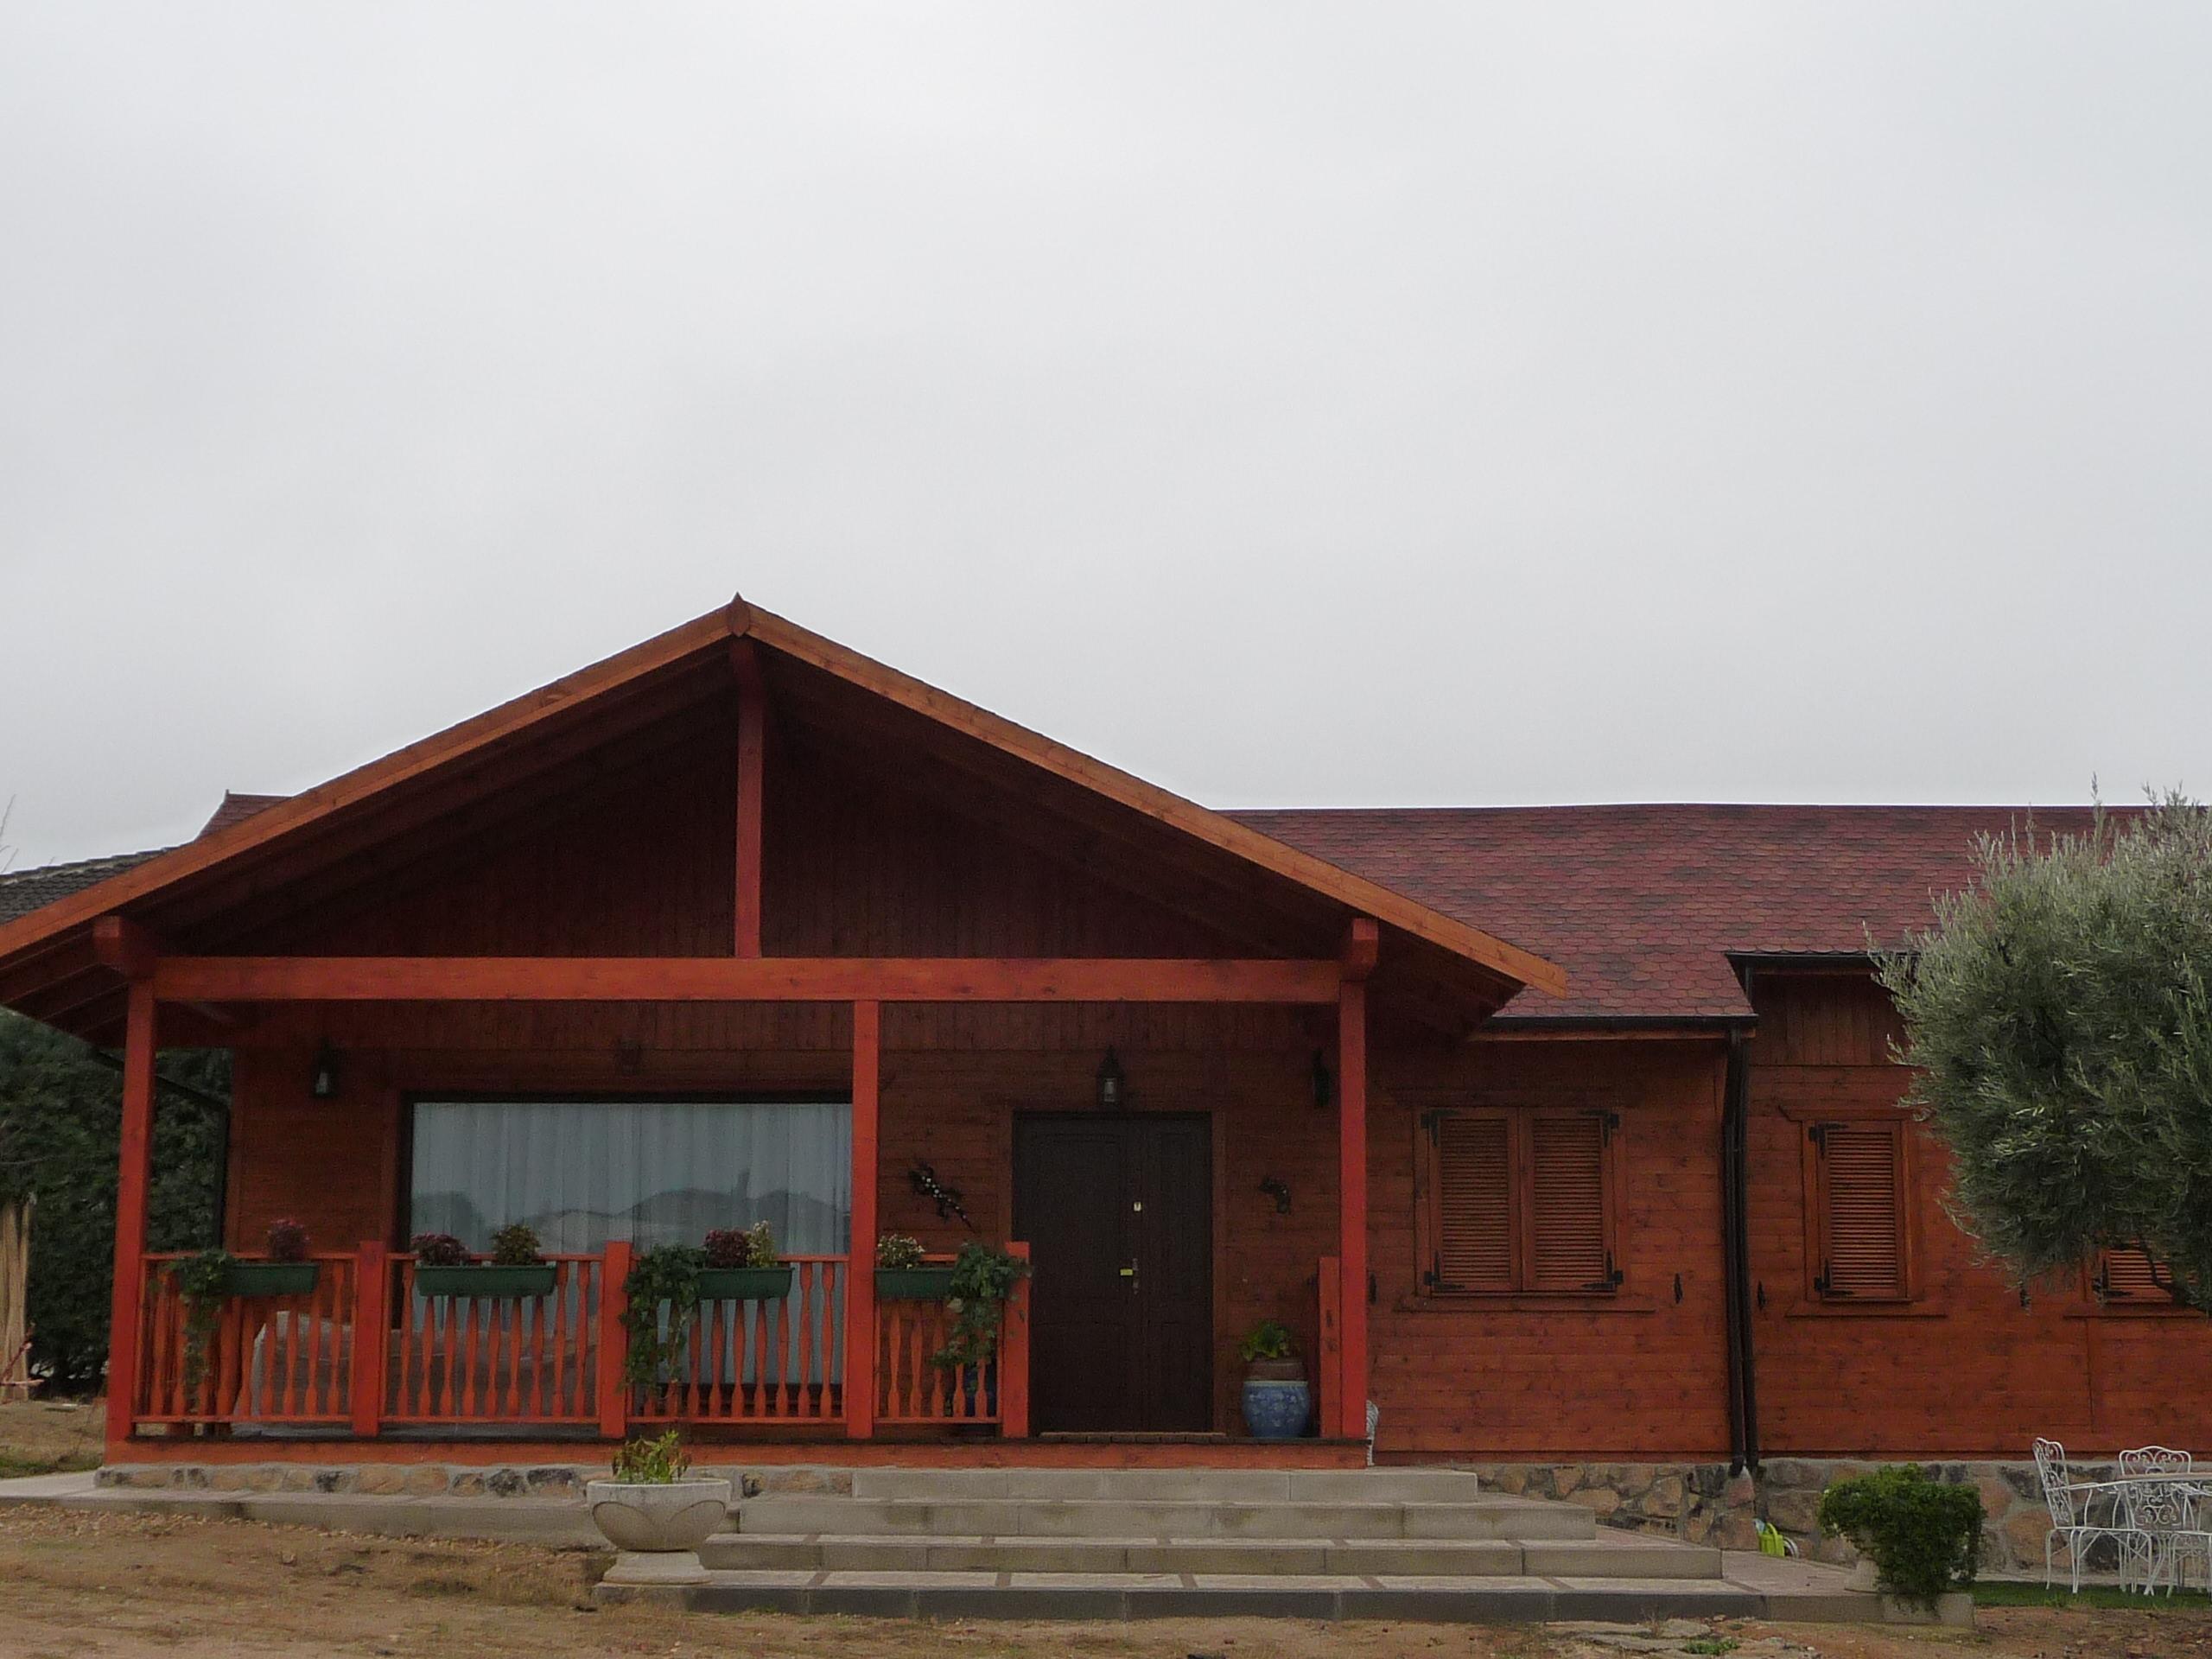 Comprar casa de madera - Seguros casas de madera ...